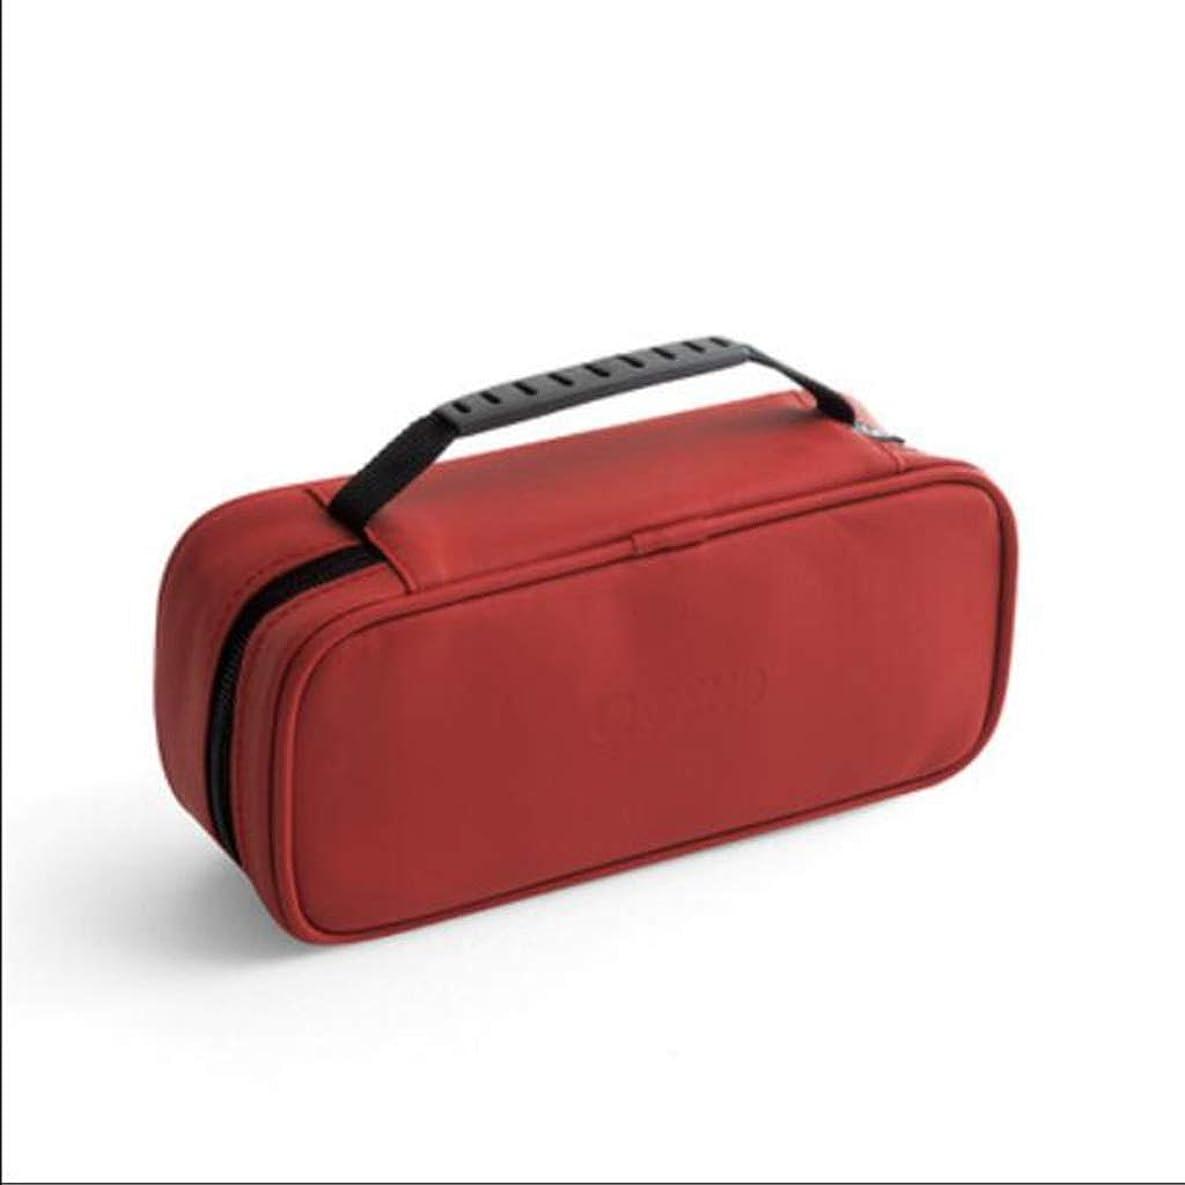 交換インゲン運動するLFOZ 多層化粧品袋家庭用収納袋旅行用旅行用ポータブルベルトPU素材防水防塵ハードウェアジッパーオレンジ 化粧品のバッグ